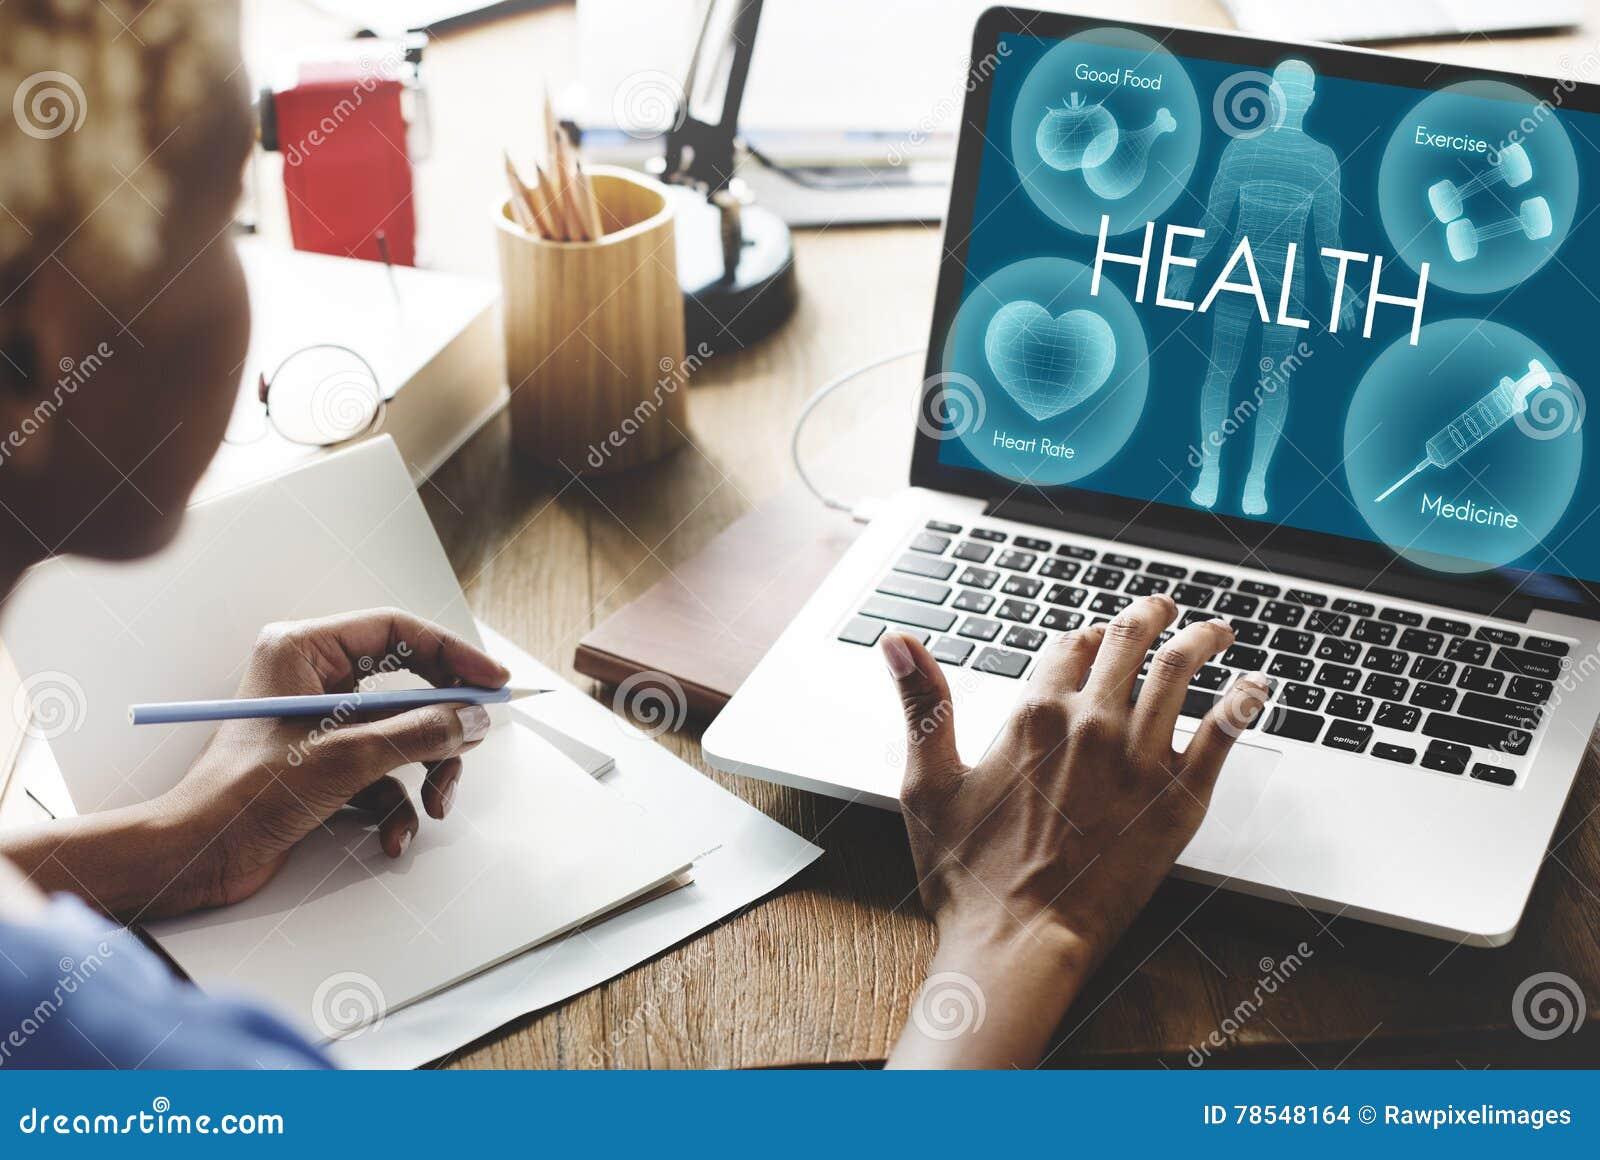 Het Concept van de de Vitaliteitsgezondheidszorg van Wellness van het gezondheidswelzijn